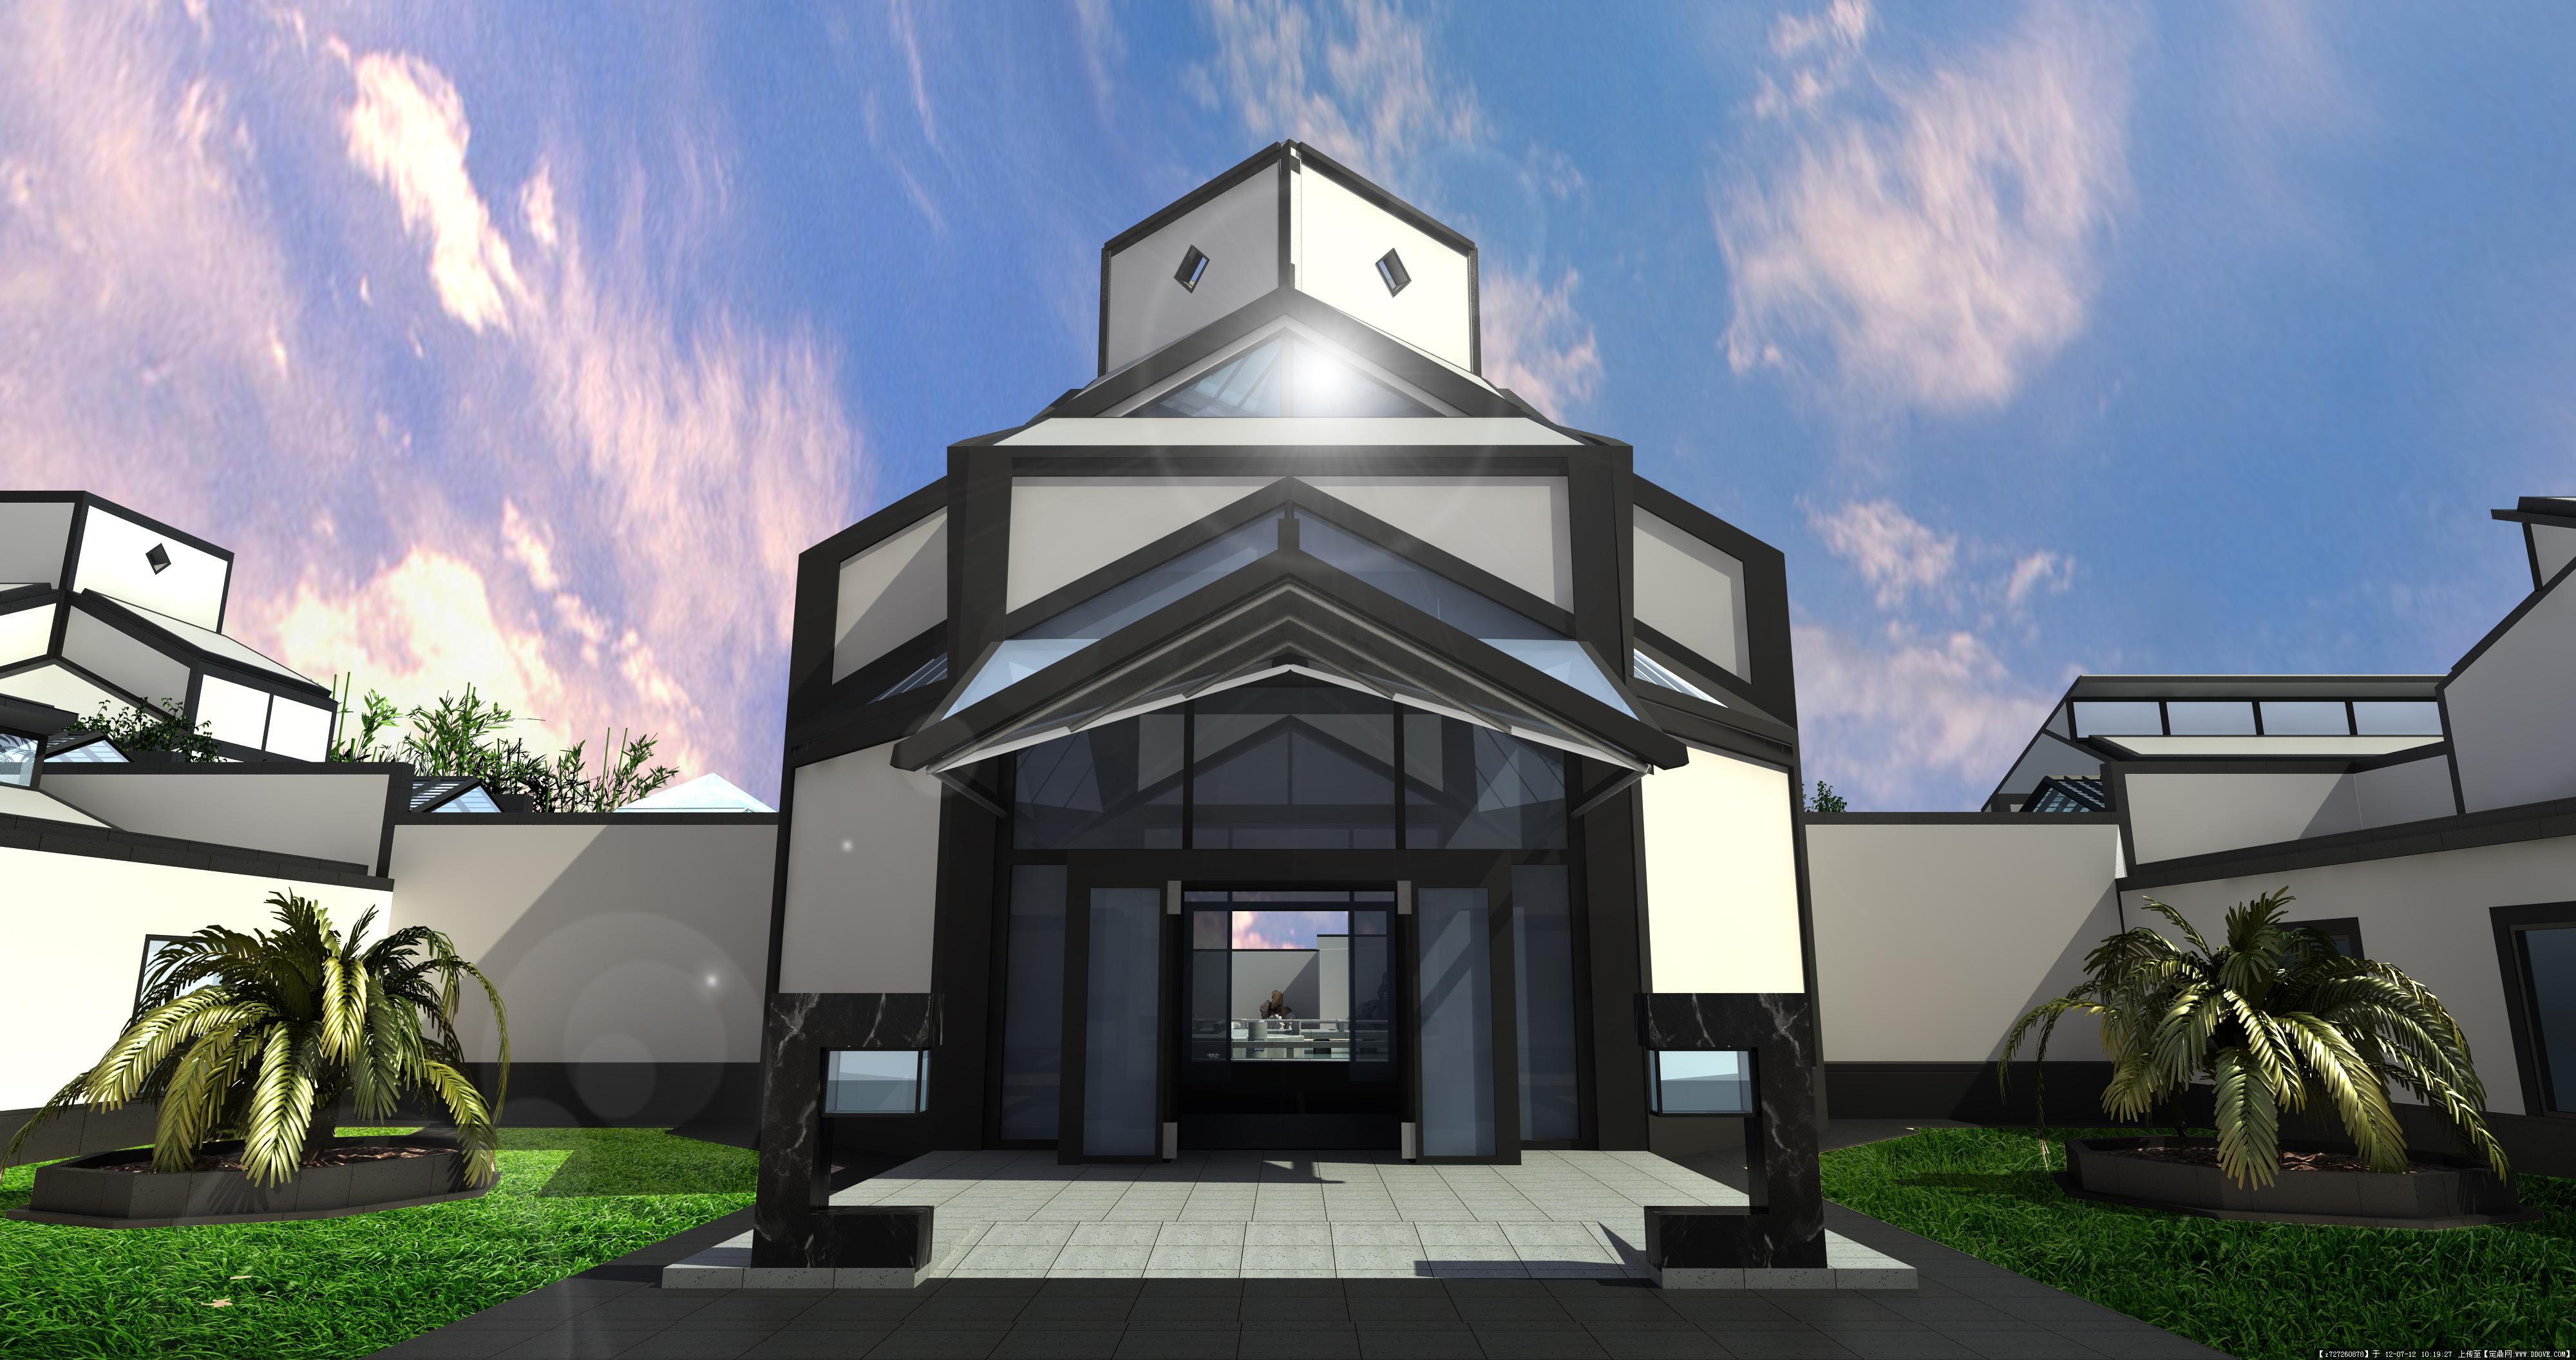 室内家装设计效果图-意大利博物馆之仿苏州博物馆之室外正门主建筑.